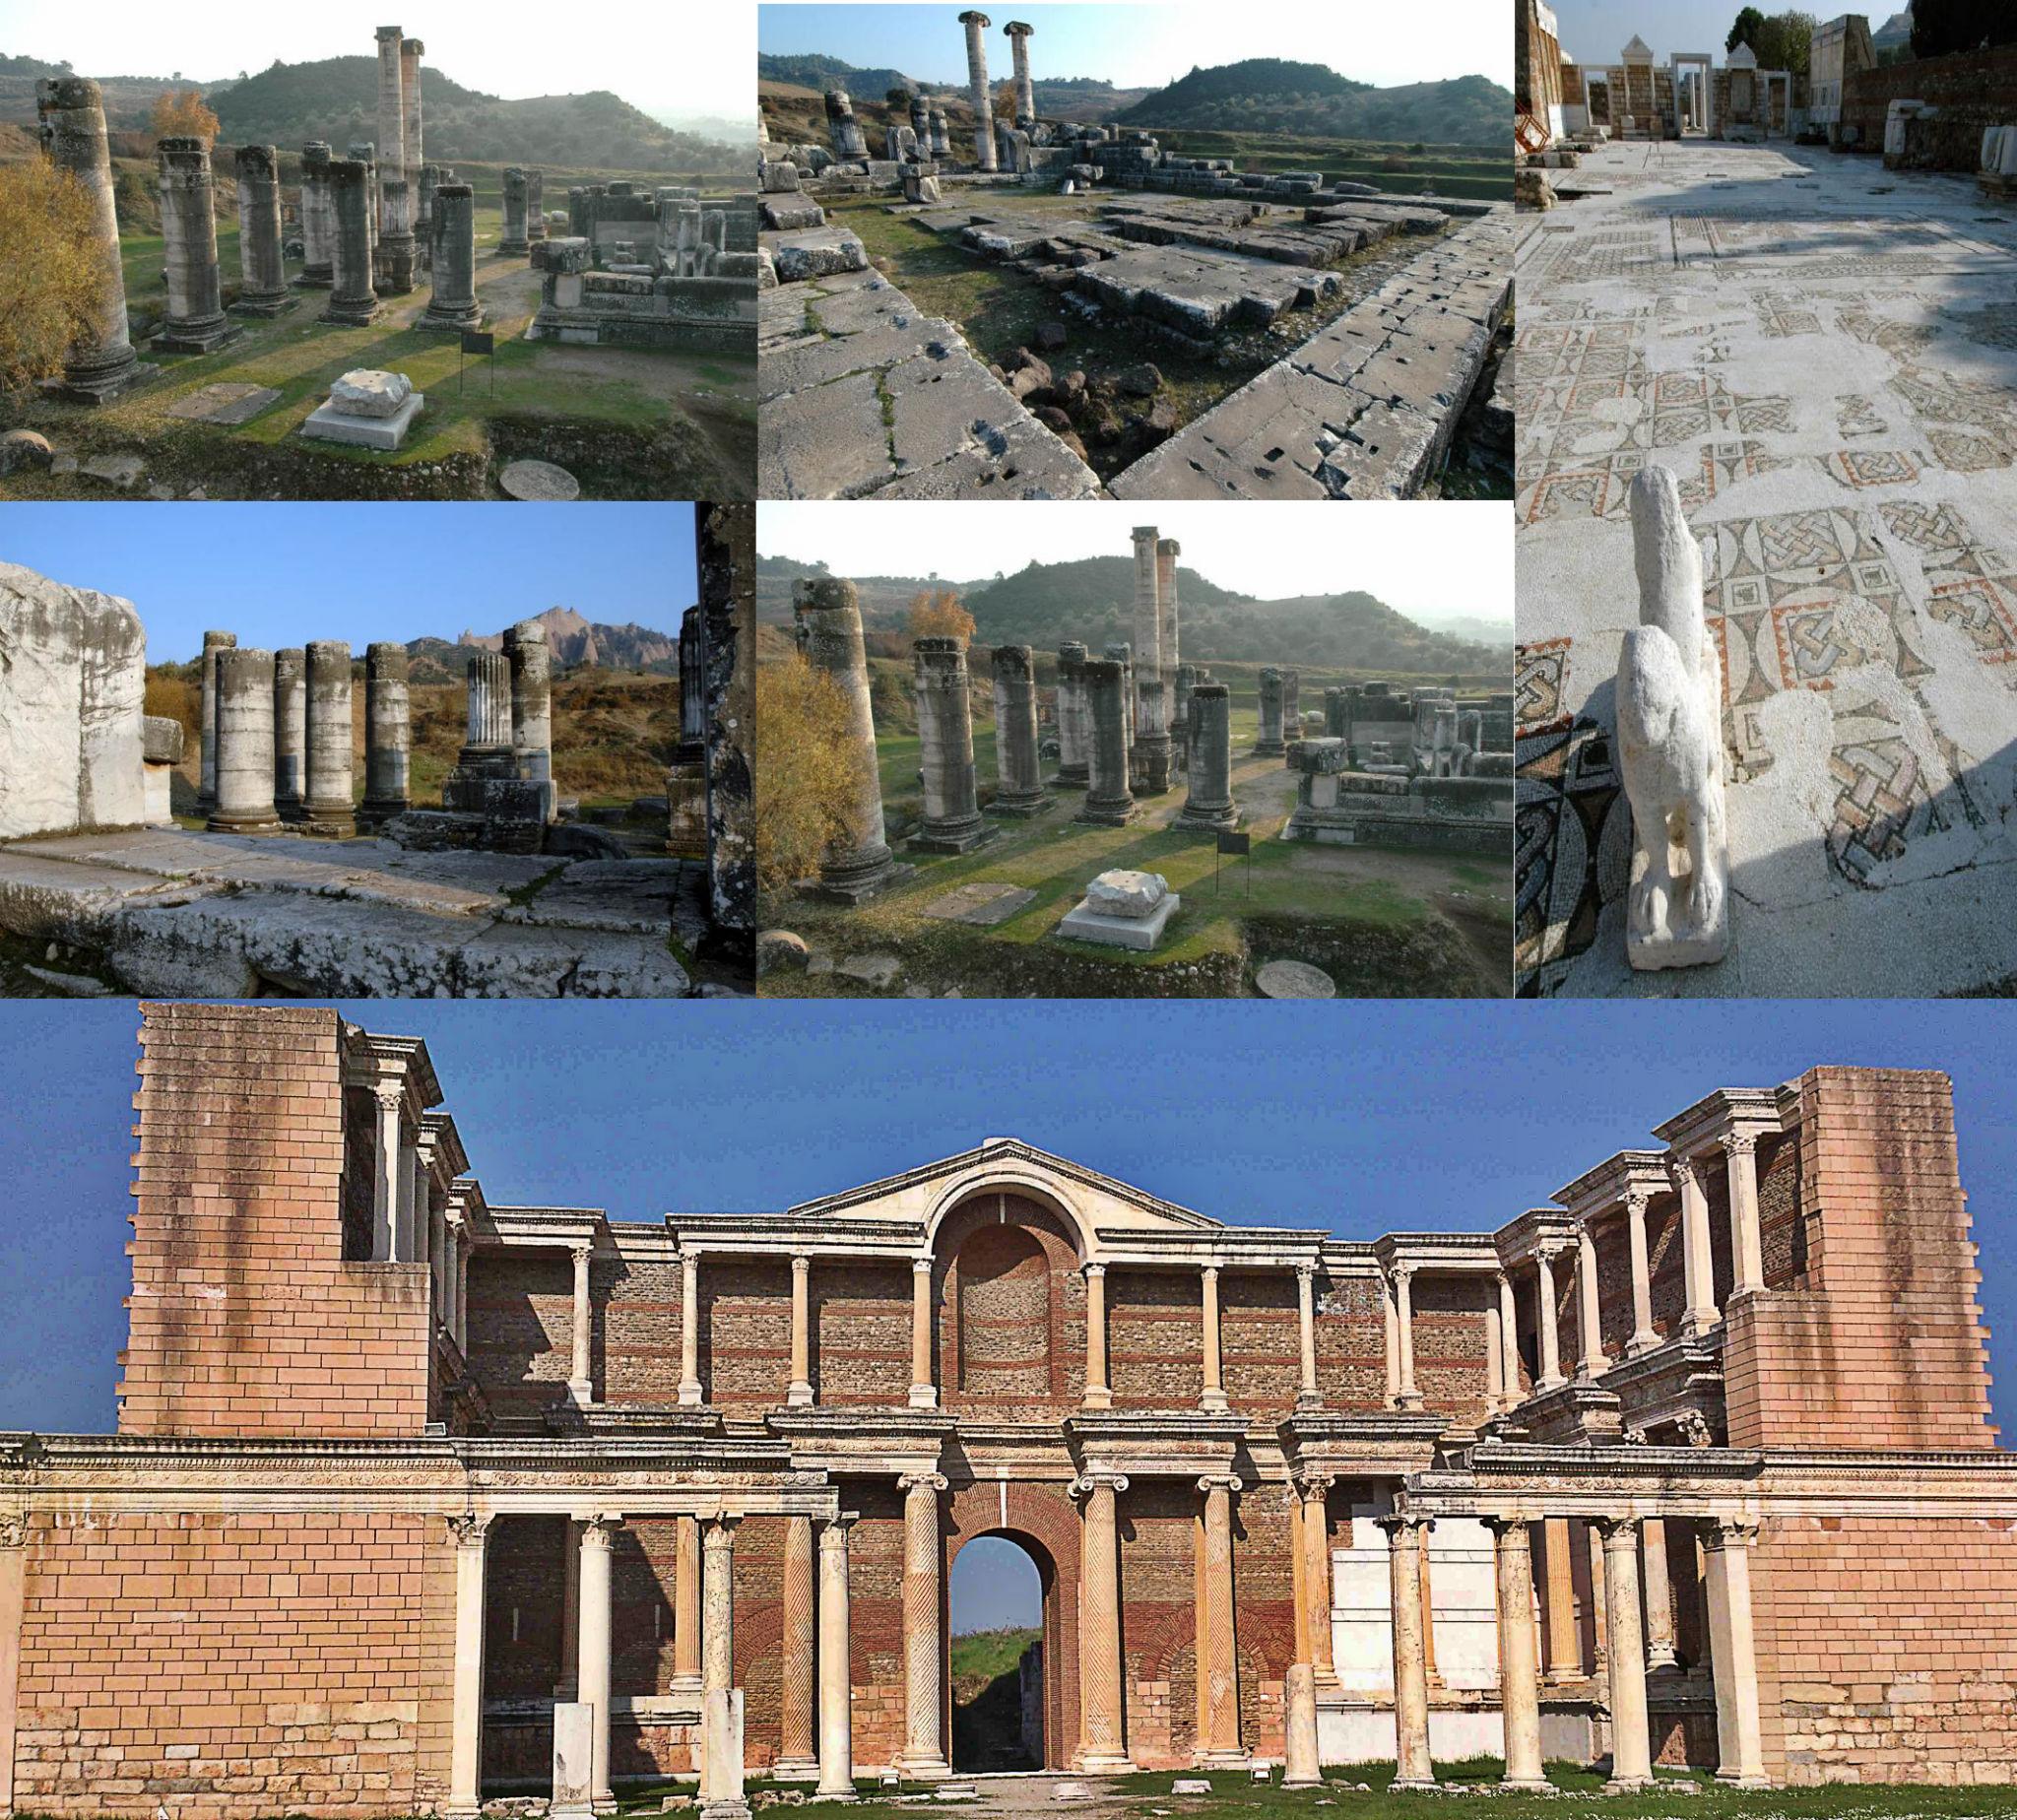 Excursion-to-Sardis-Turkey